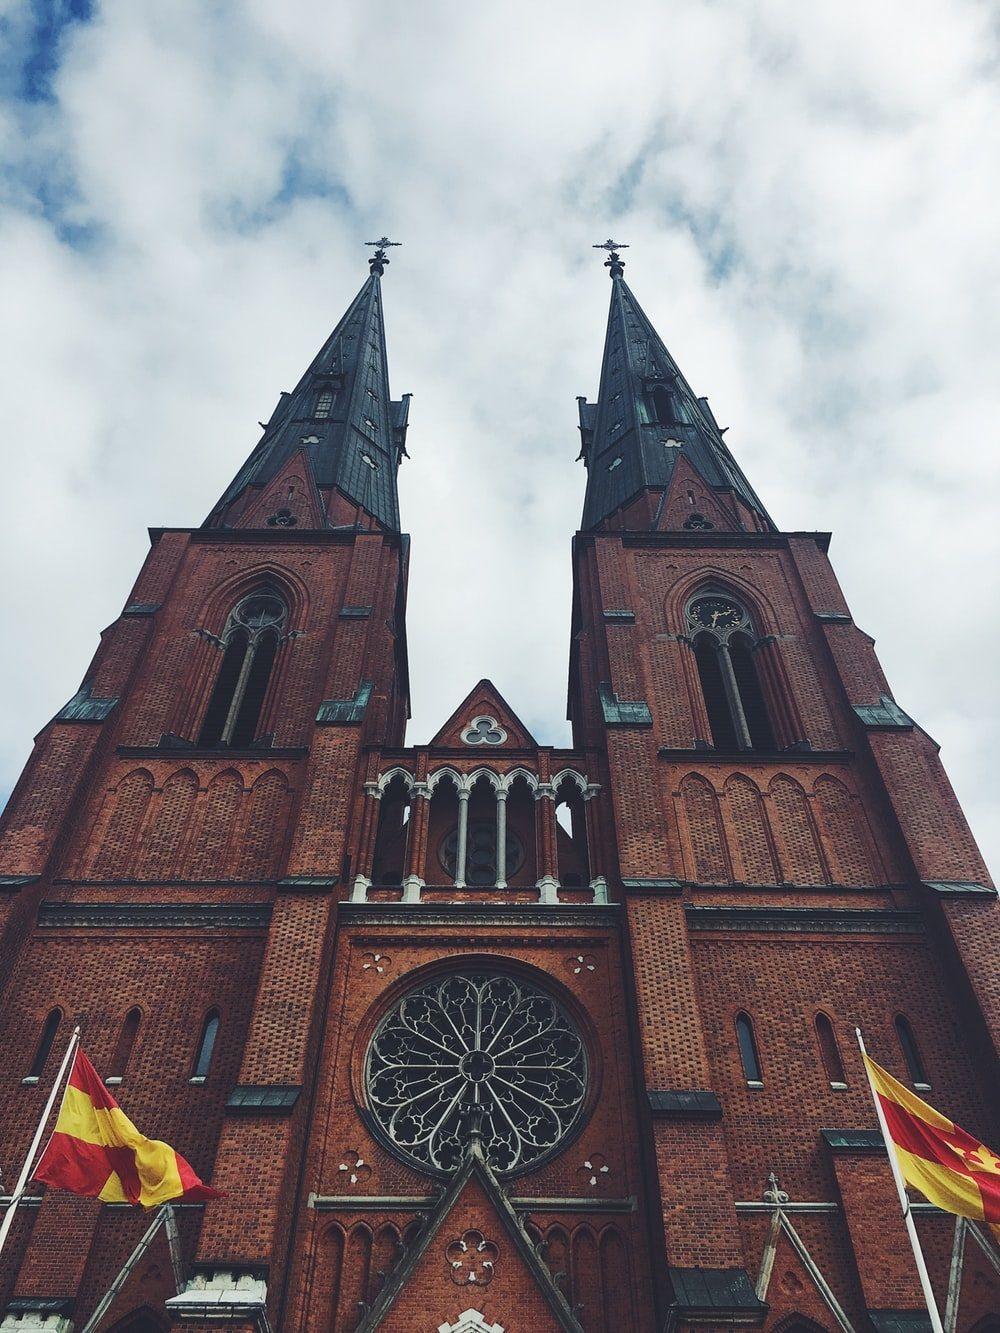 کلیسای جامع اوپسالا Uppsala Cathedral - هزینه بلیط یک طرفه سوئد